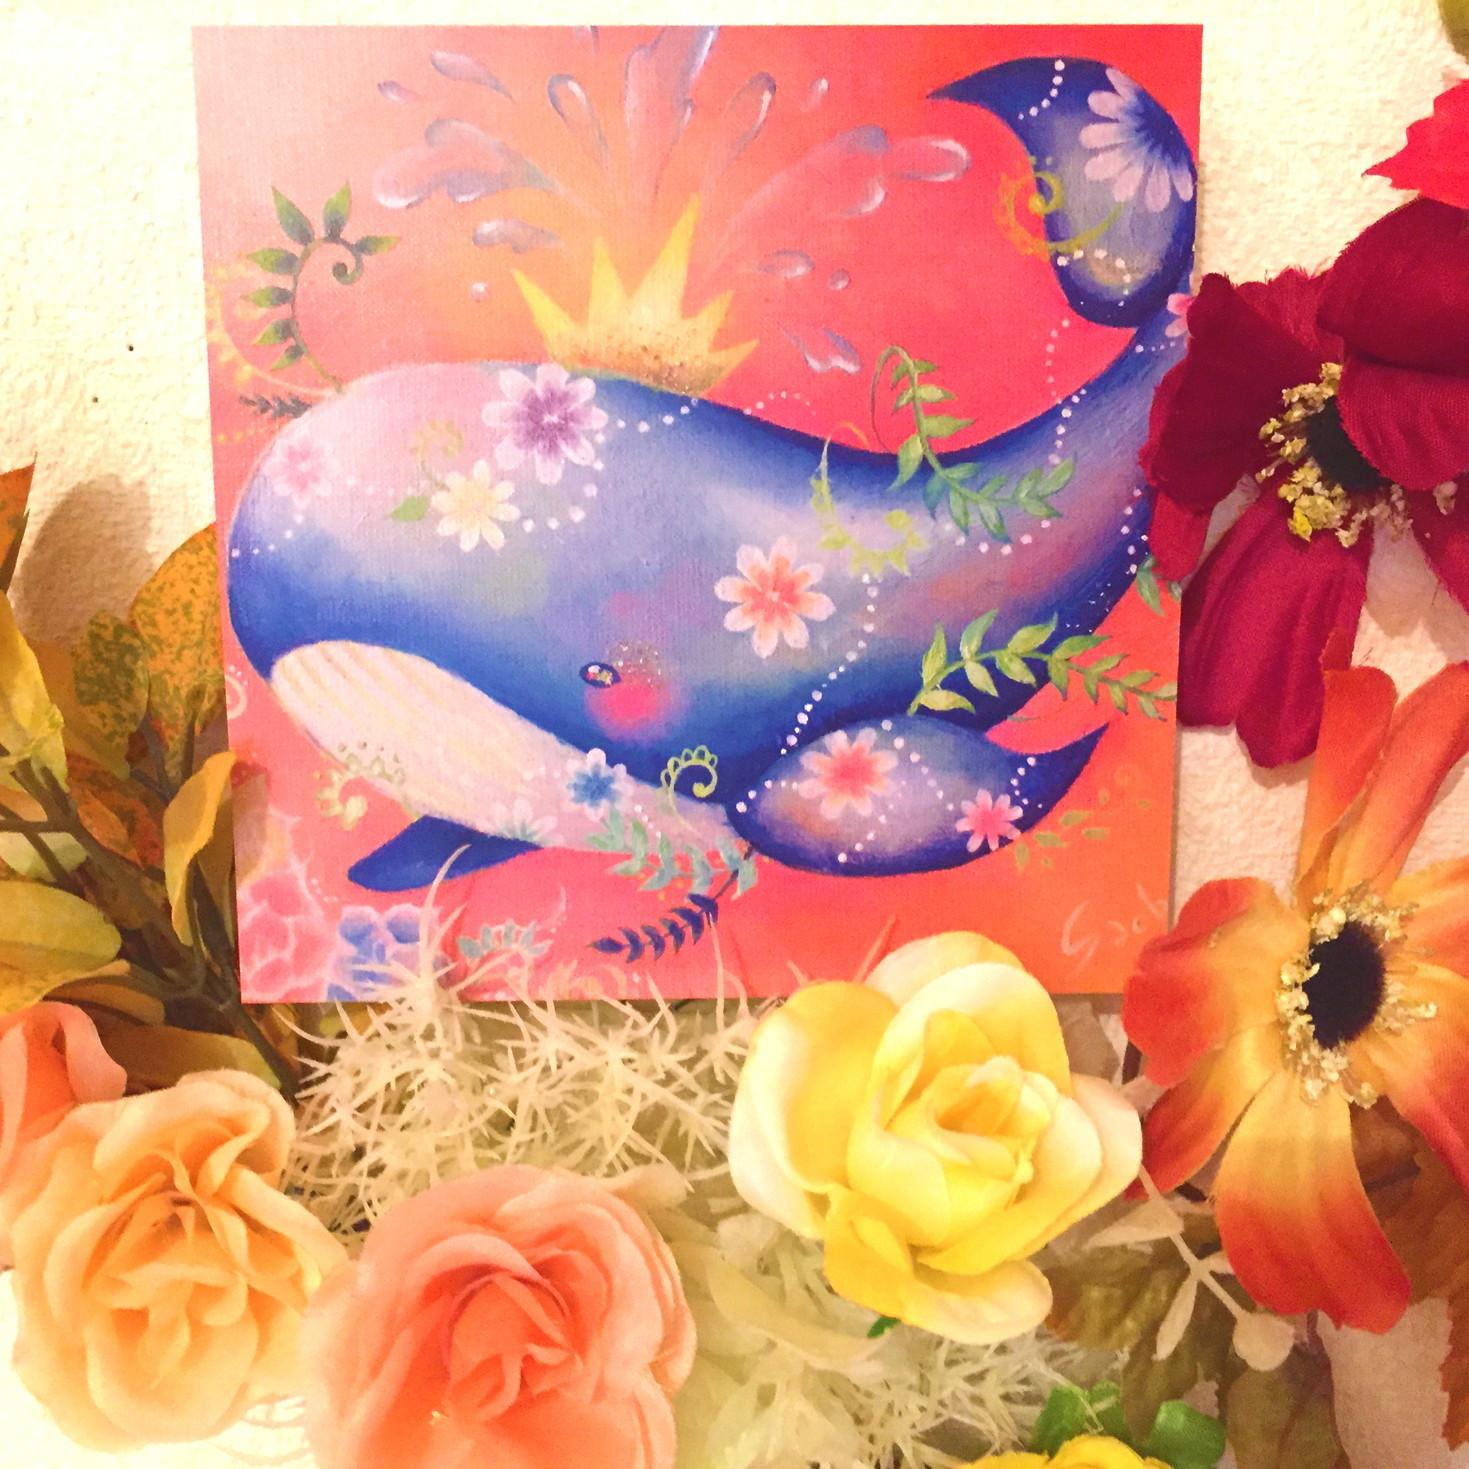 絵画 インテリア アートパネル 雑貨 壁掛け 置物 おしゃれ 油絵 海 花 ロココロ 画家 : 黒野 祥絵 作品 : クジラ